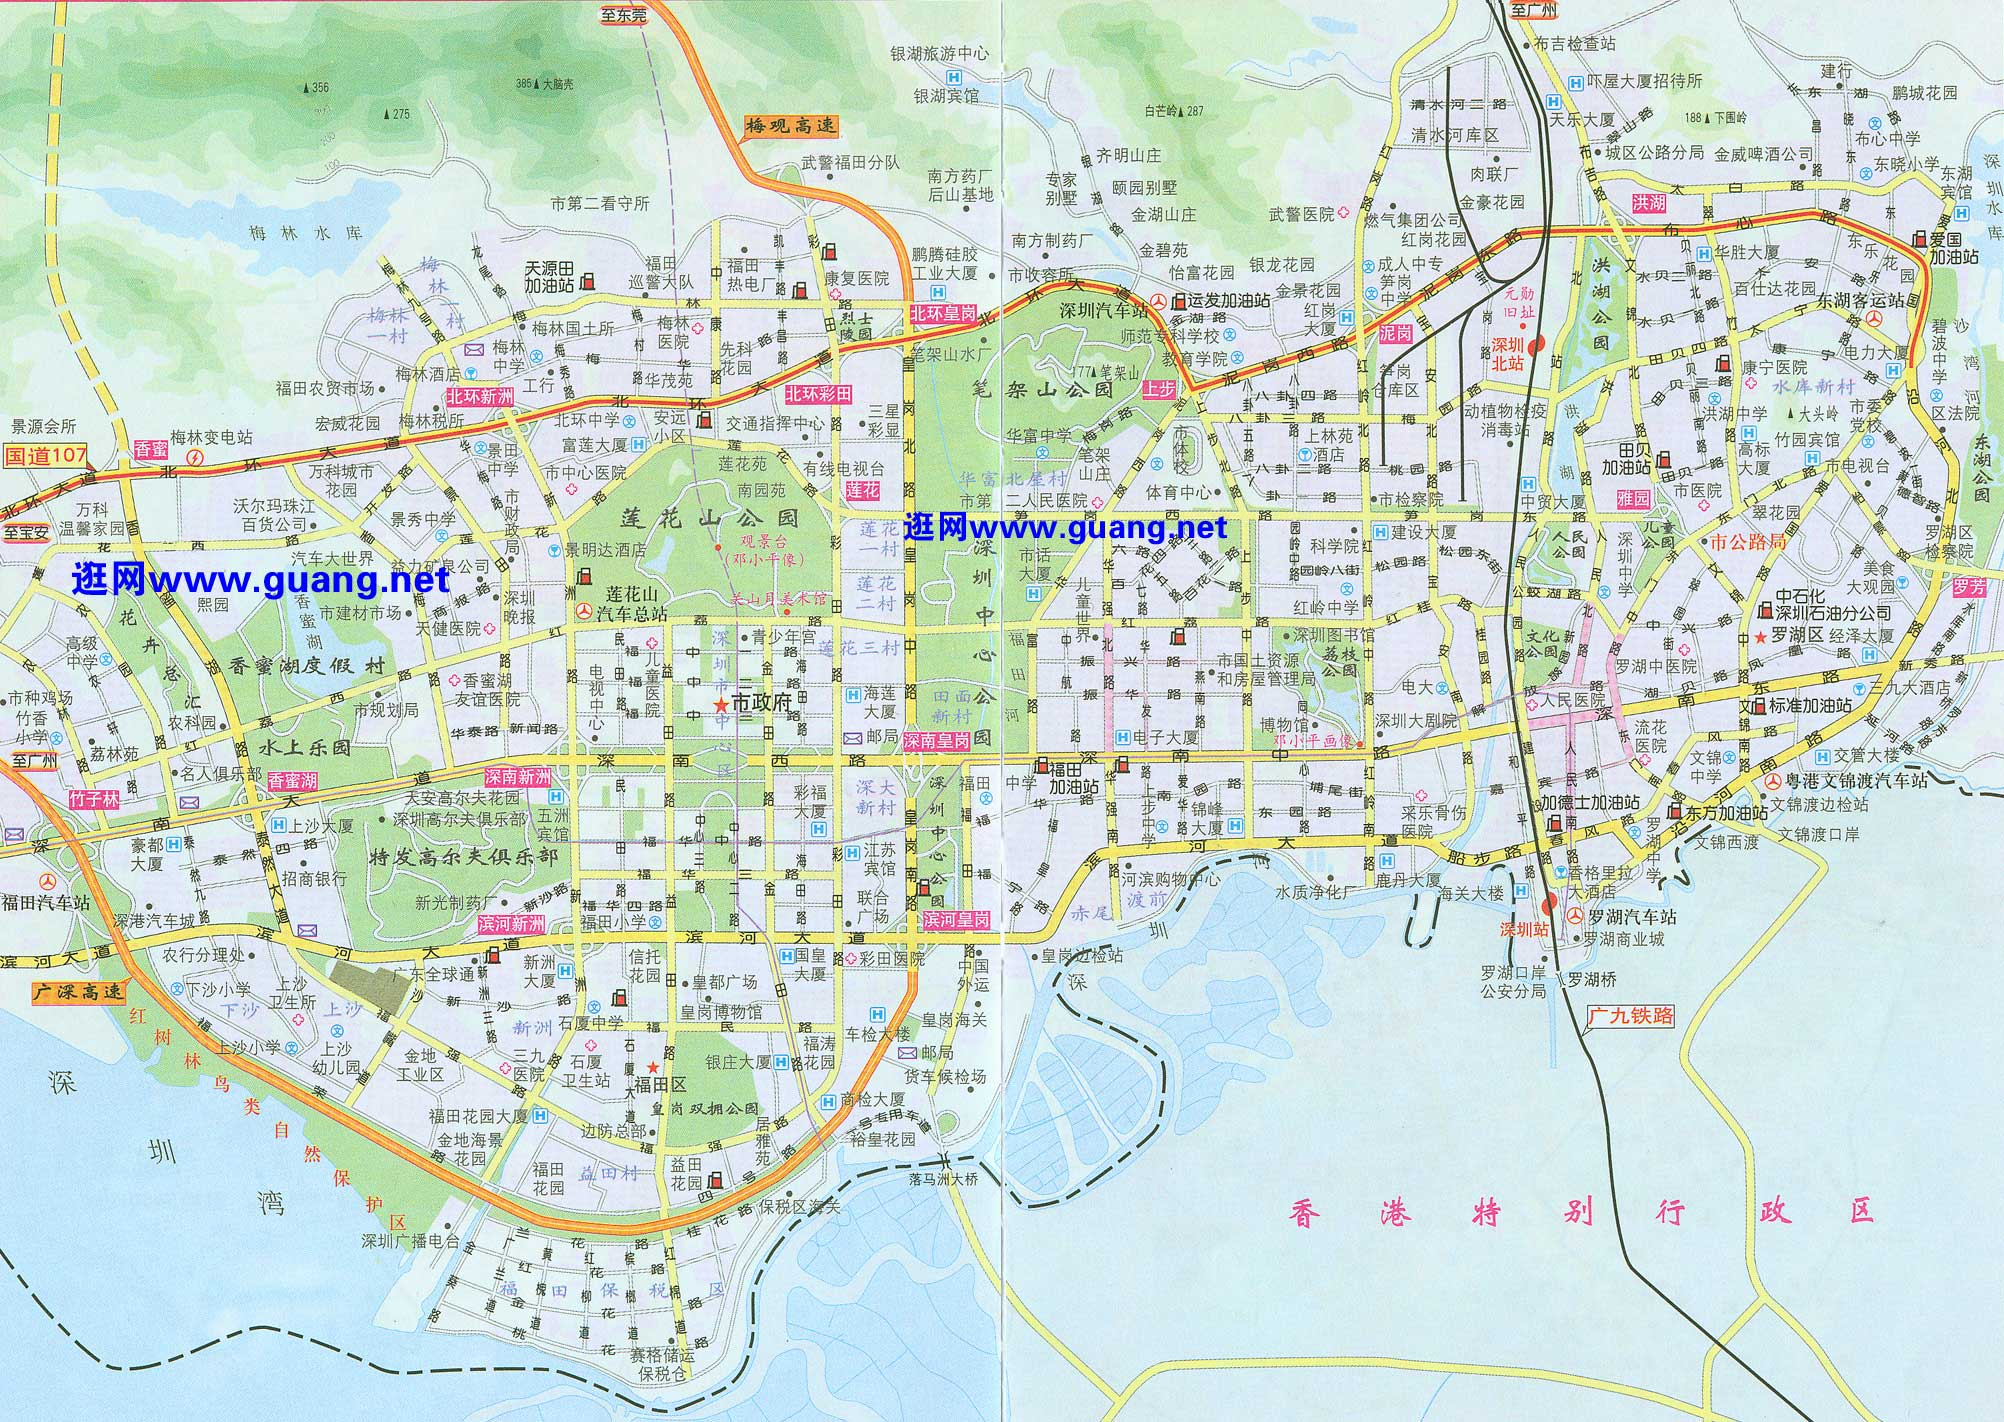 深圳市区地图全图高清版_汕头市区地图全图高清